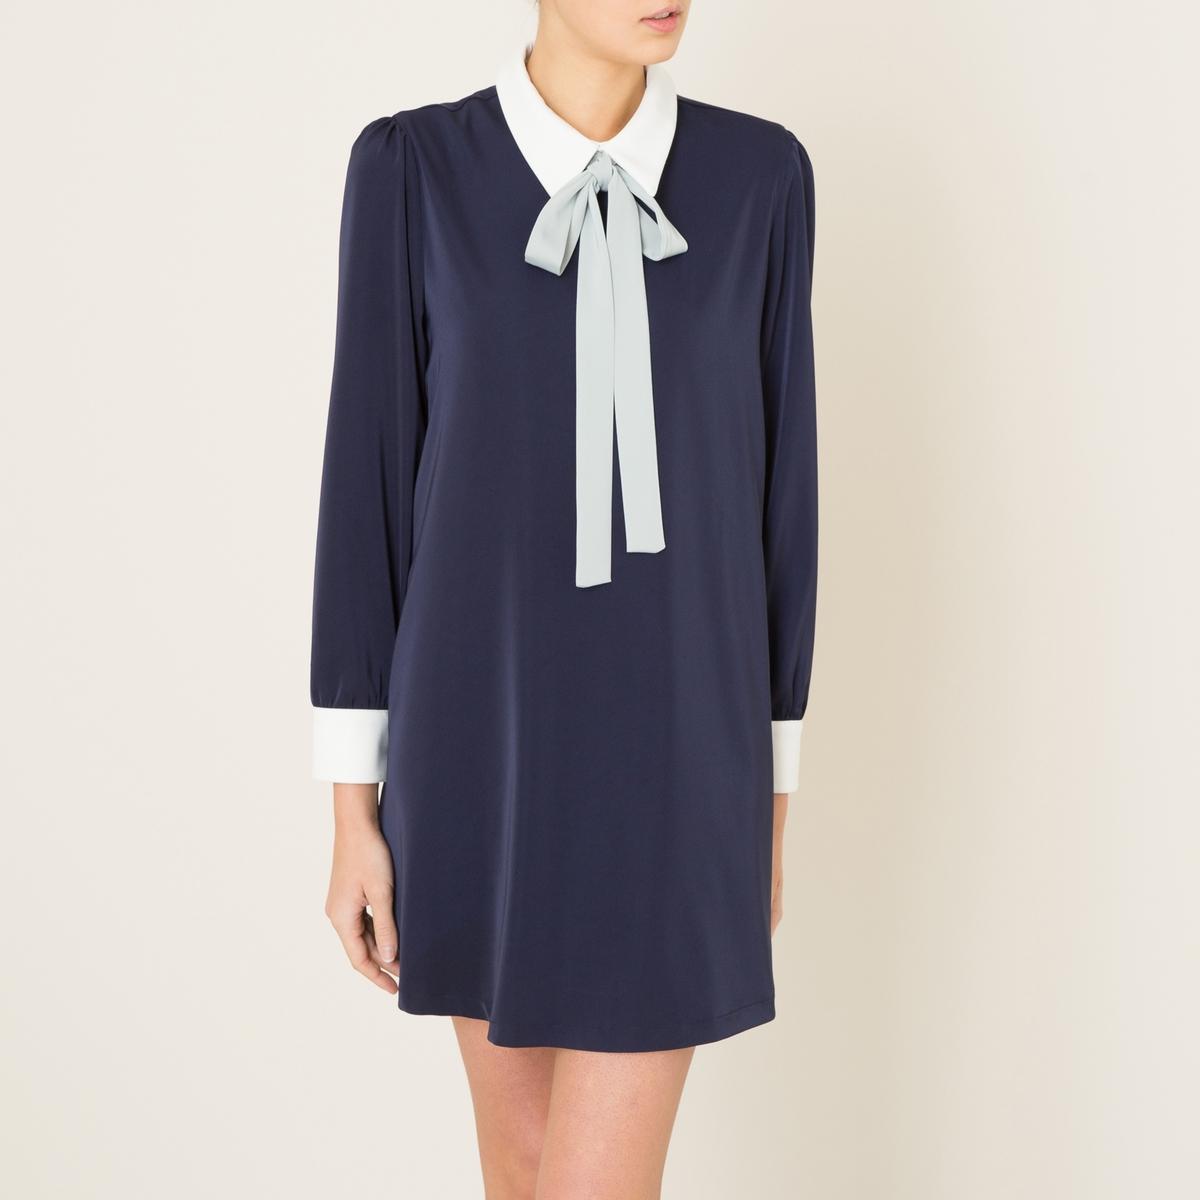 Платье с галстуком-бантомКороткое платье SISTER JANE - форма футляр, из струящейся ткани, с галстуком-бантом контрастного цвета. Рубашечный воротник с галстуком-бантом контрастного цвета, застежка на пуговицу и скрытую молнию сзади. Длинные рукава, манжеты с застежкой на пуговицы, со складками. Сборки на плечах.Состав и описание    Материал : 95% полиэстера, 5% эластана   Подкладка 95% полиэстера, 5% эластана   Длина : 83 см для размера 36   Марка : SISTER JANE<br><br>Цвет: темно-синий<br>Размер: M